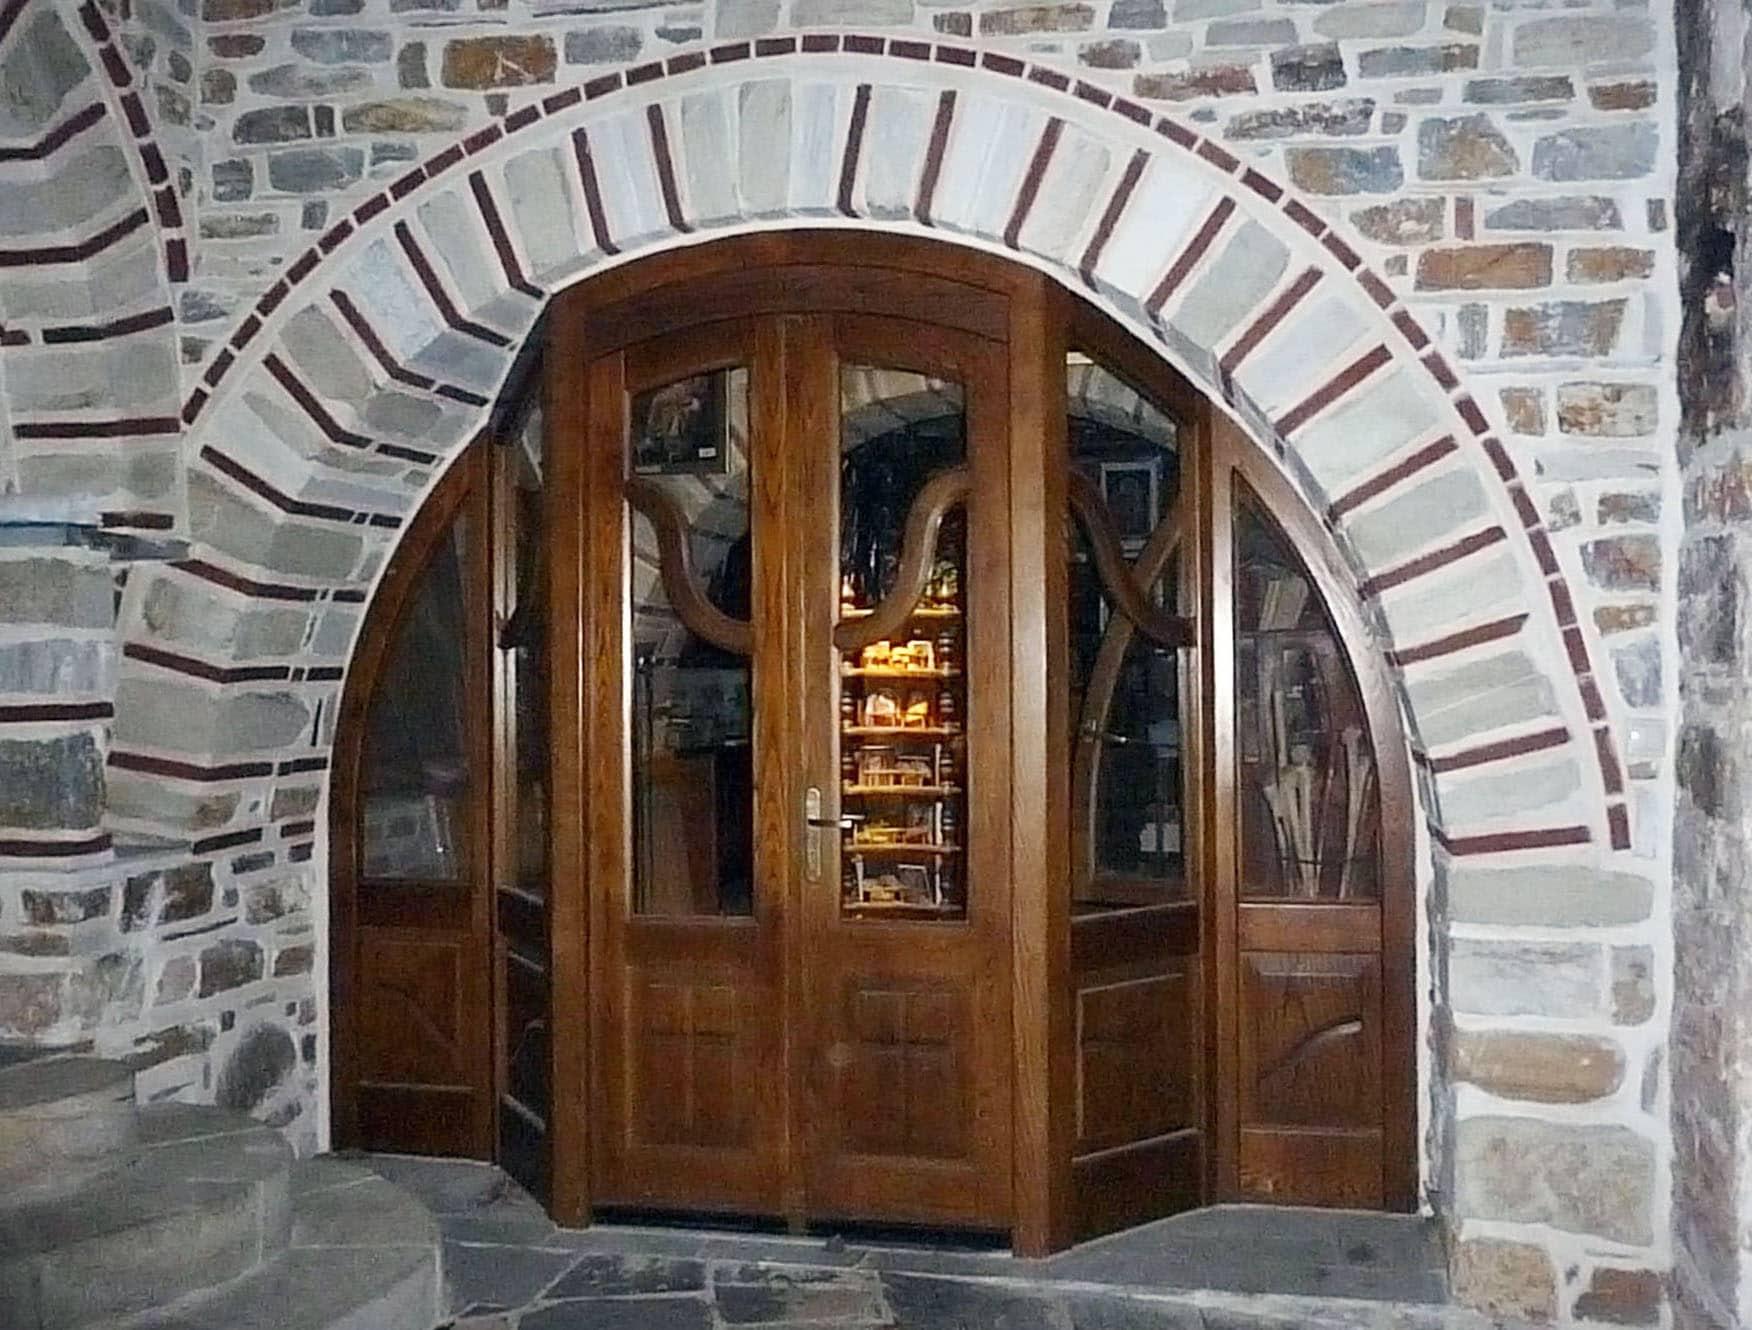 τοξωτή πόρτα με τρισδιάστατη κάσα και λεπτομέρειες στα τζαμιλίκια